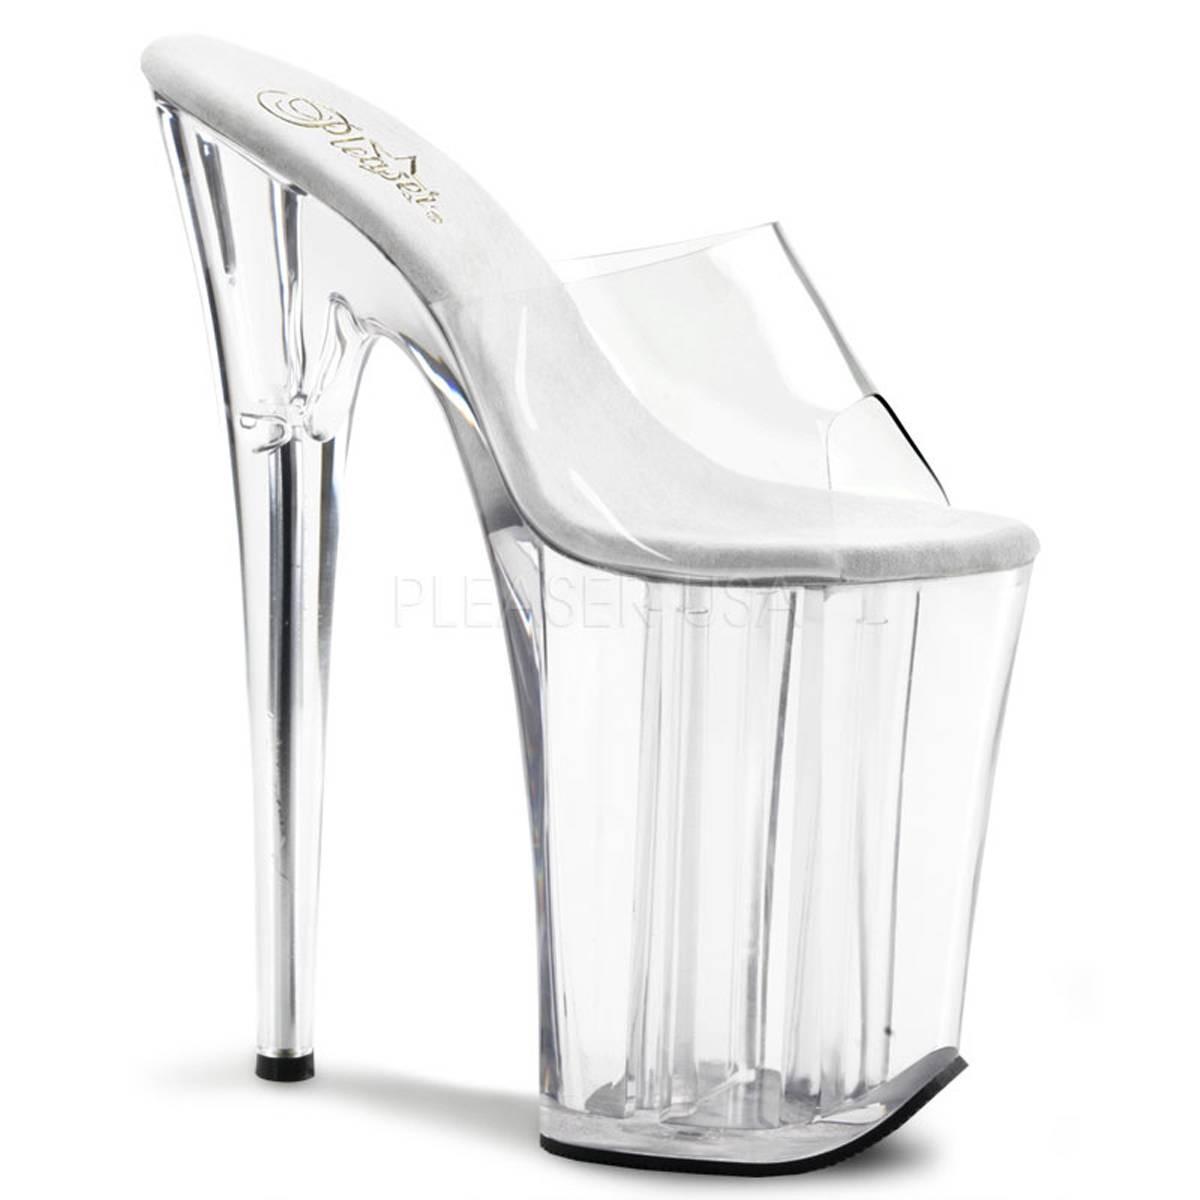 Highheels für Frauen - INFINITY 901 ° Damen Sandalette ° Transparent Matt ° Pleaser  - Onlineshop RedSixty